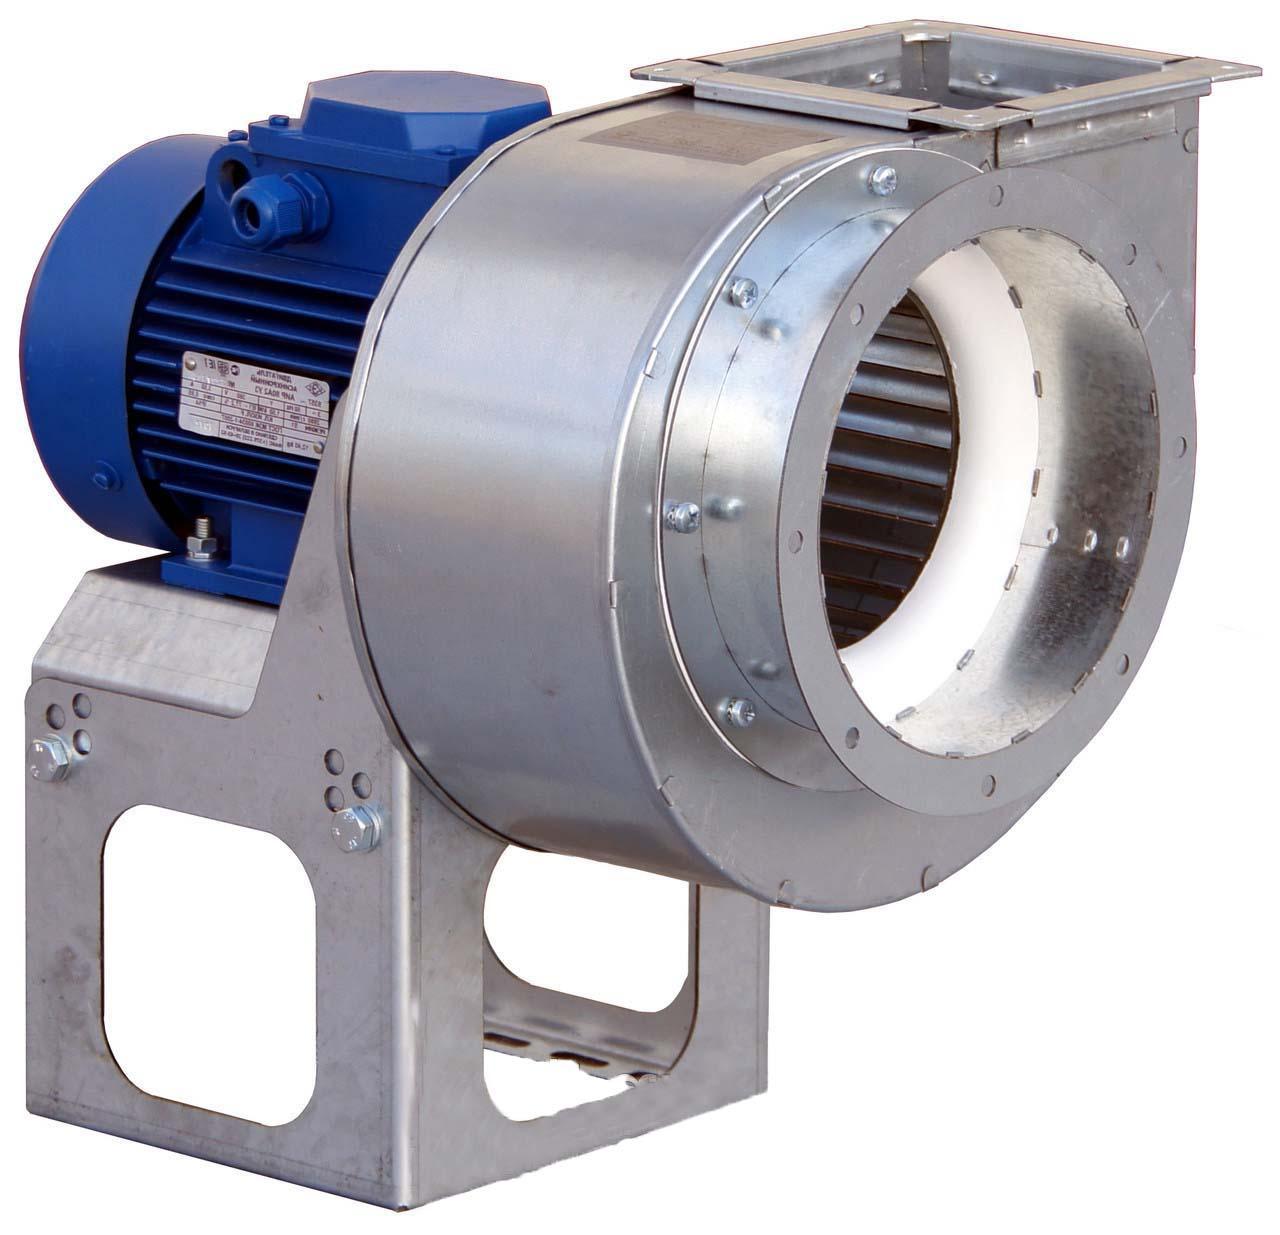 Вентилятор ВР 280-46-2,5 0,55 кВт/1500 об/мин ЛО